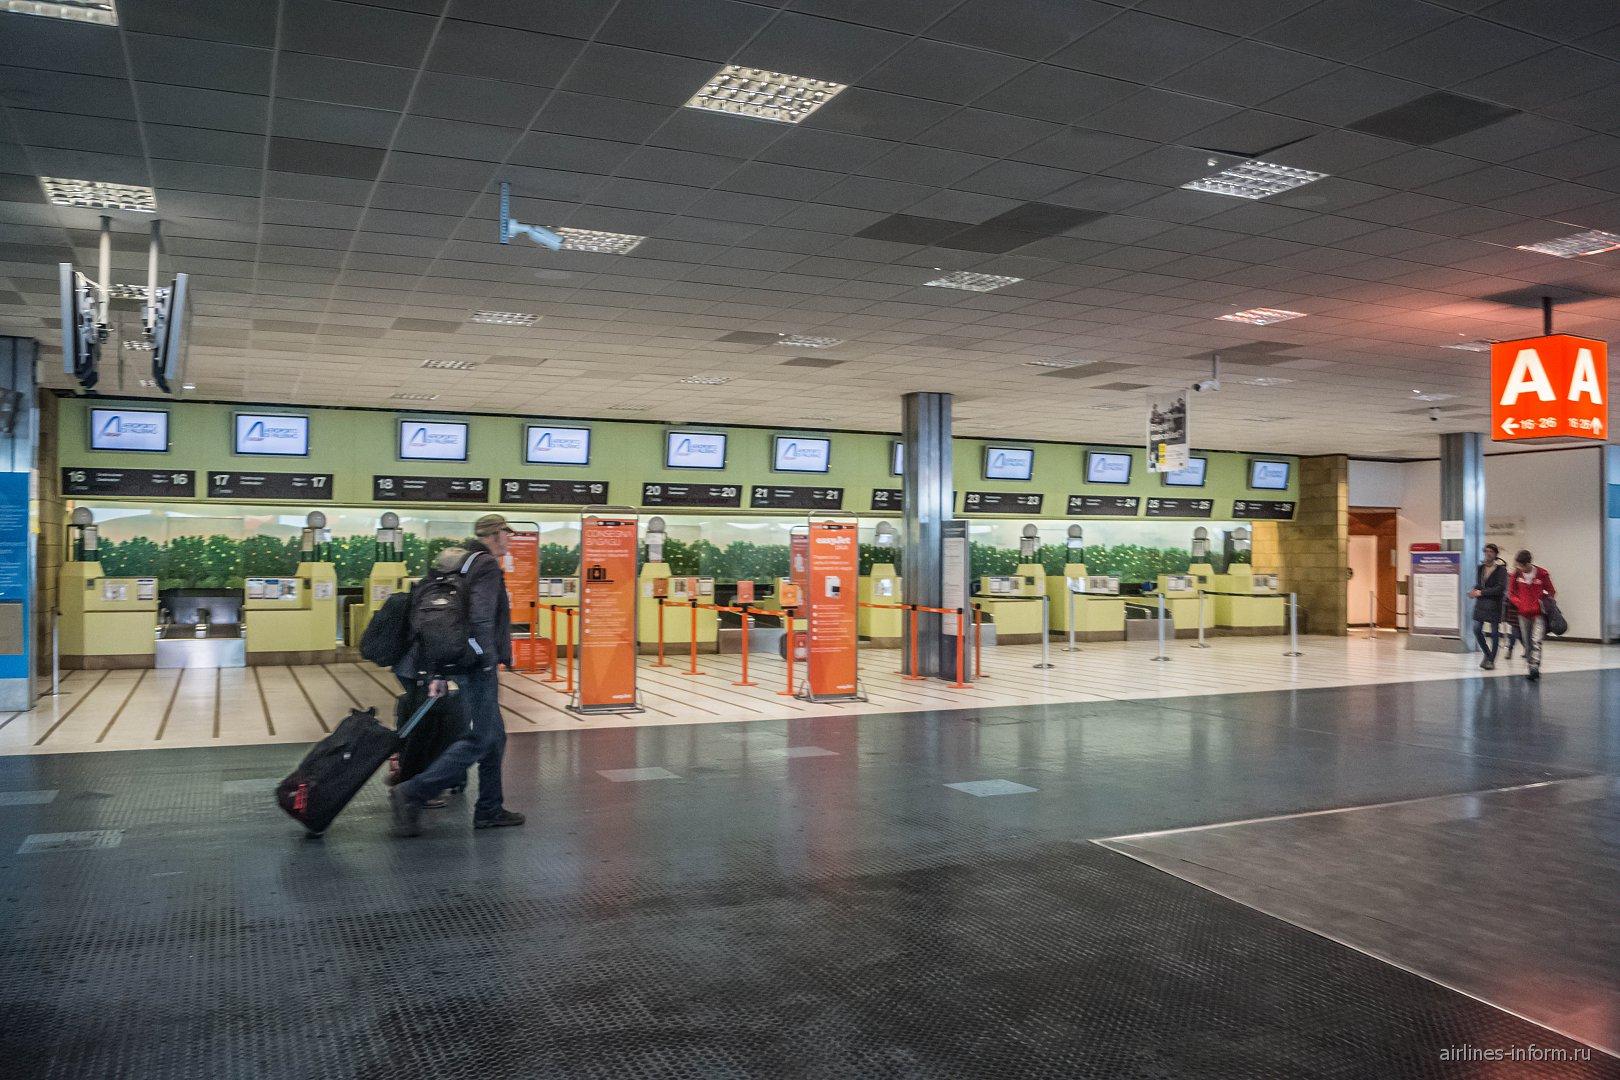 Стойки регистрации в аэропорту Палермо